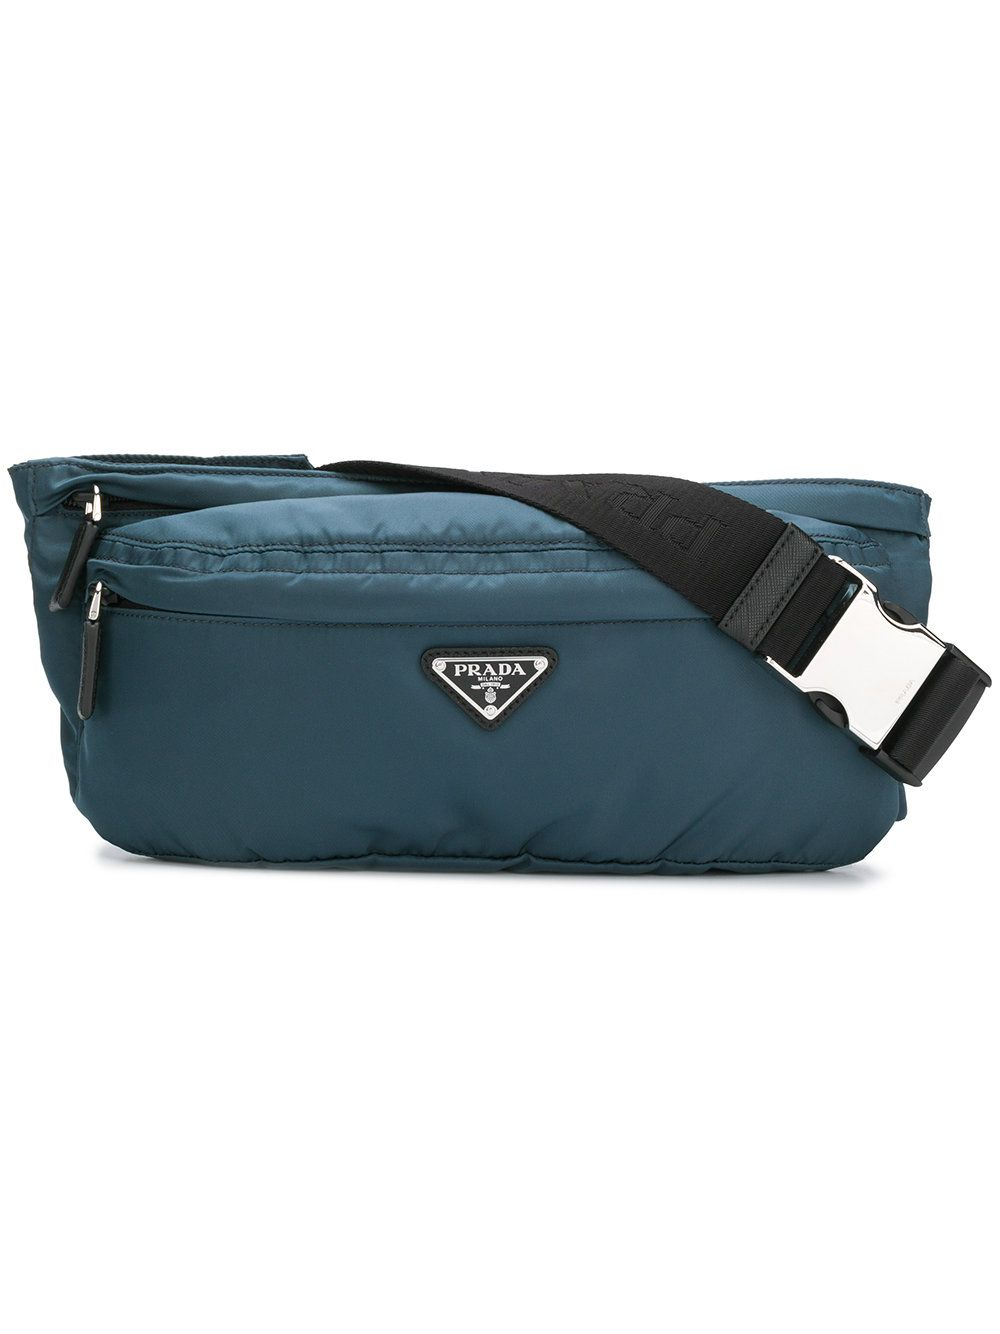 809b3d0a2e86 Prada Shell belt bag. Prada Shell belt bag Prada Men, Clothes 2018, Blue  Bags ...